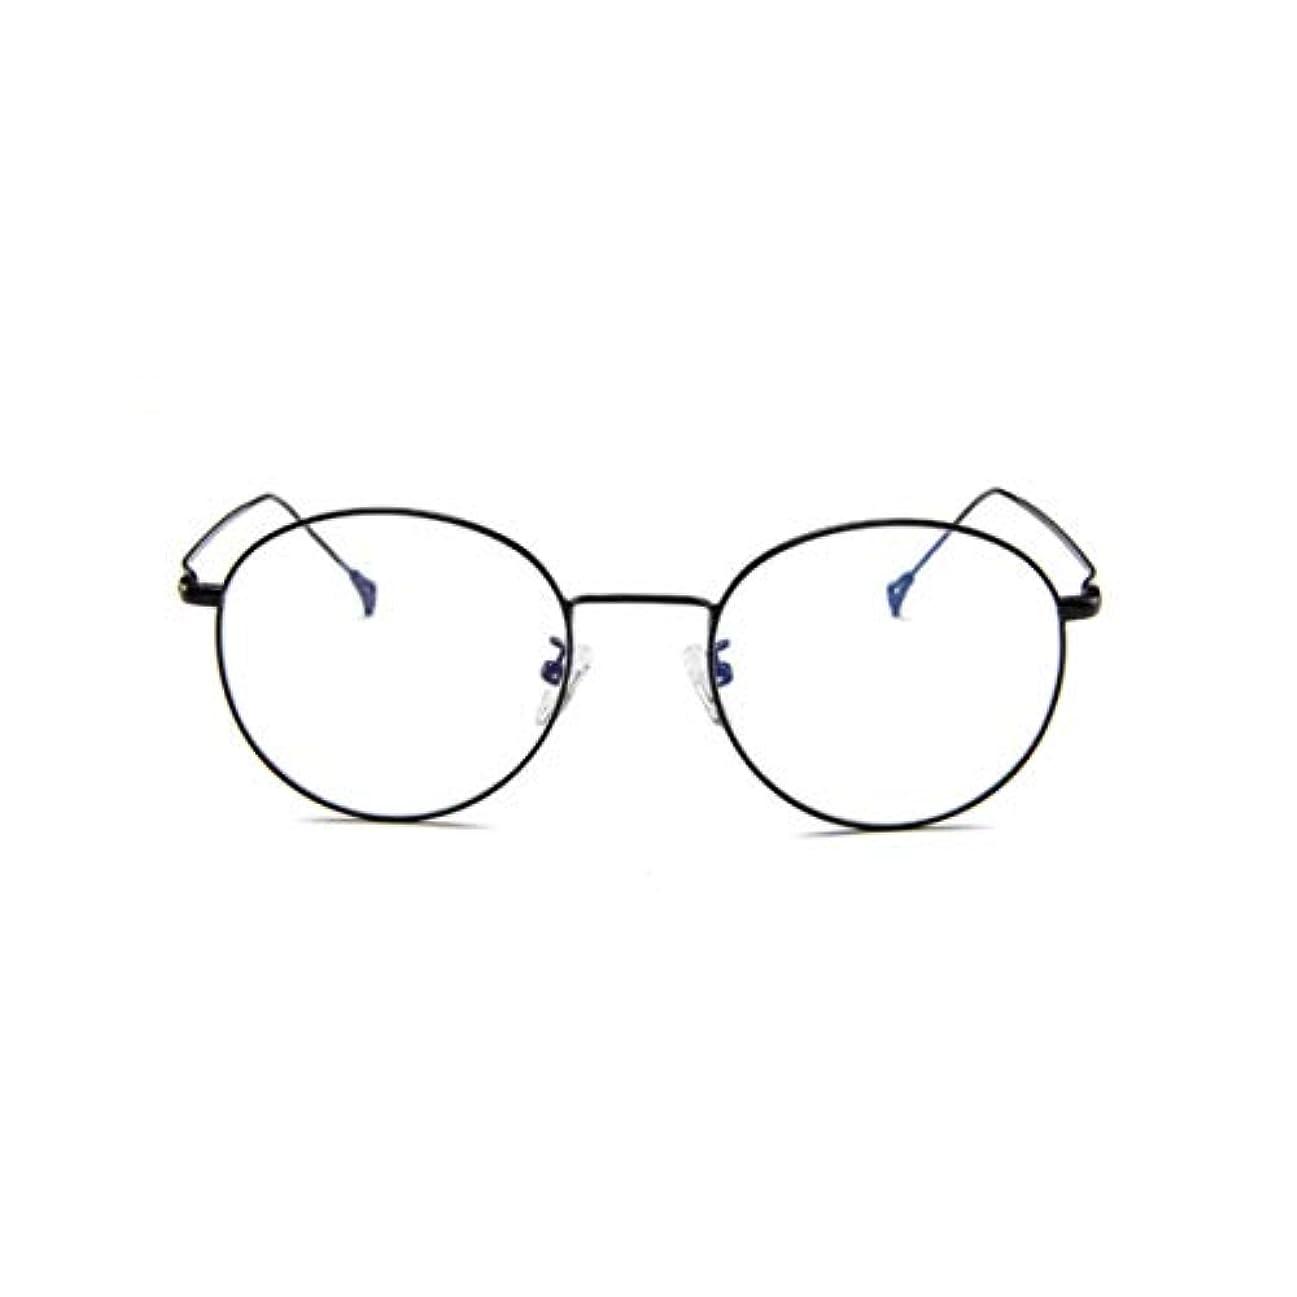 広告主リダクター鳴らす韓国のメガネフレームの男性と女性のレトロフラットメガネメタルトレンディメガネファッション近視メガネフレーム-ブラック